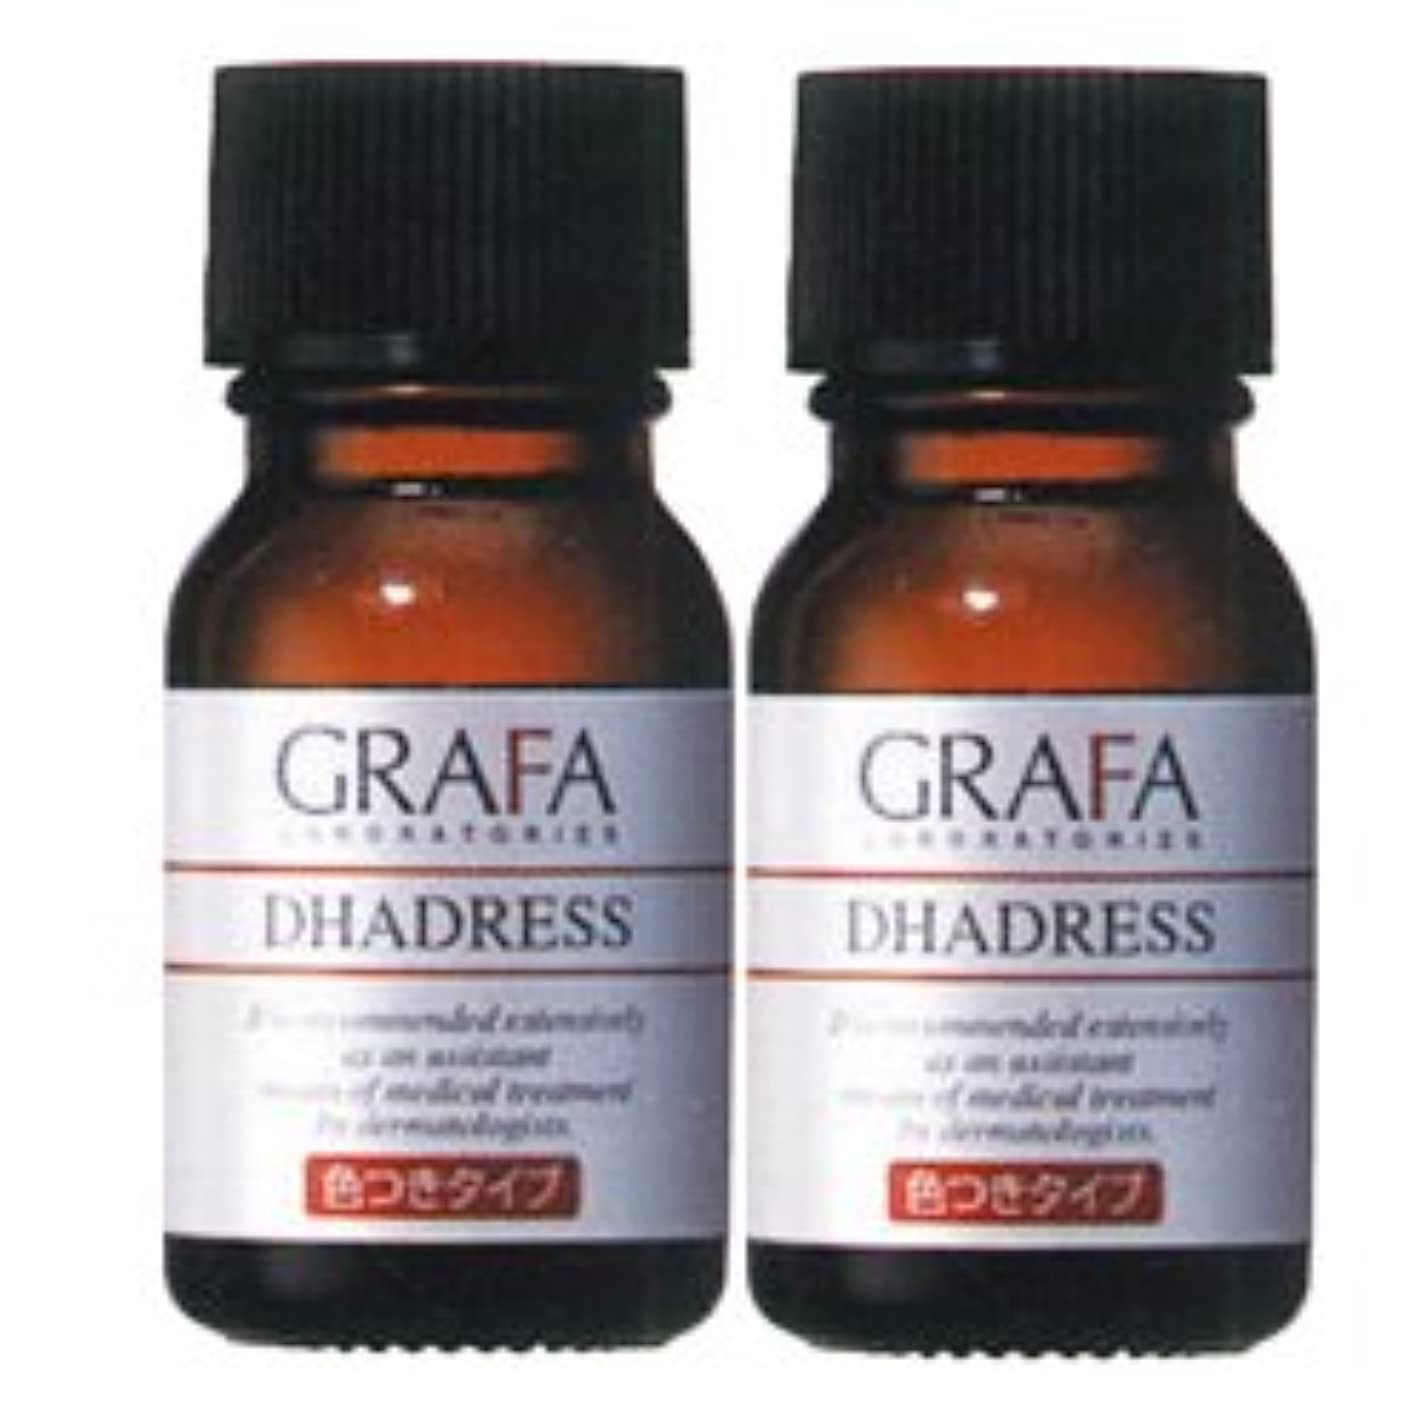 同級生不変財団グラファ ダドレスC (色つきタイプ) 11mL×2本 着色用化粧水 GRAFA DHADRESS